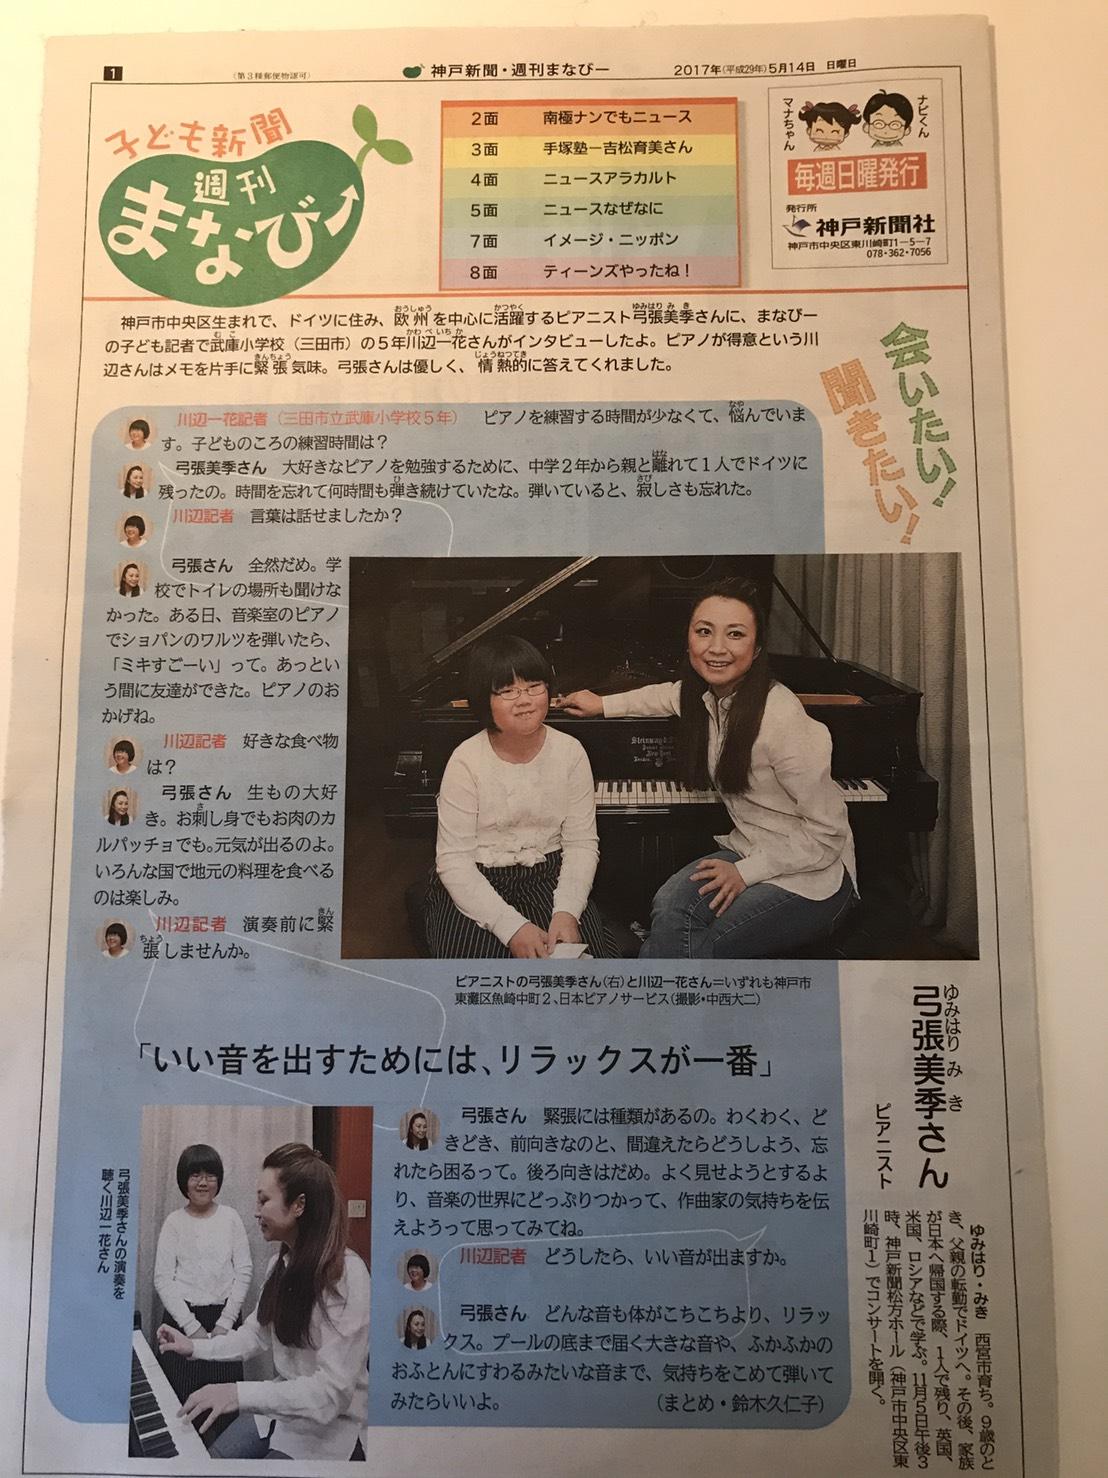 神戸新聞 14.5.2017.jpg